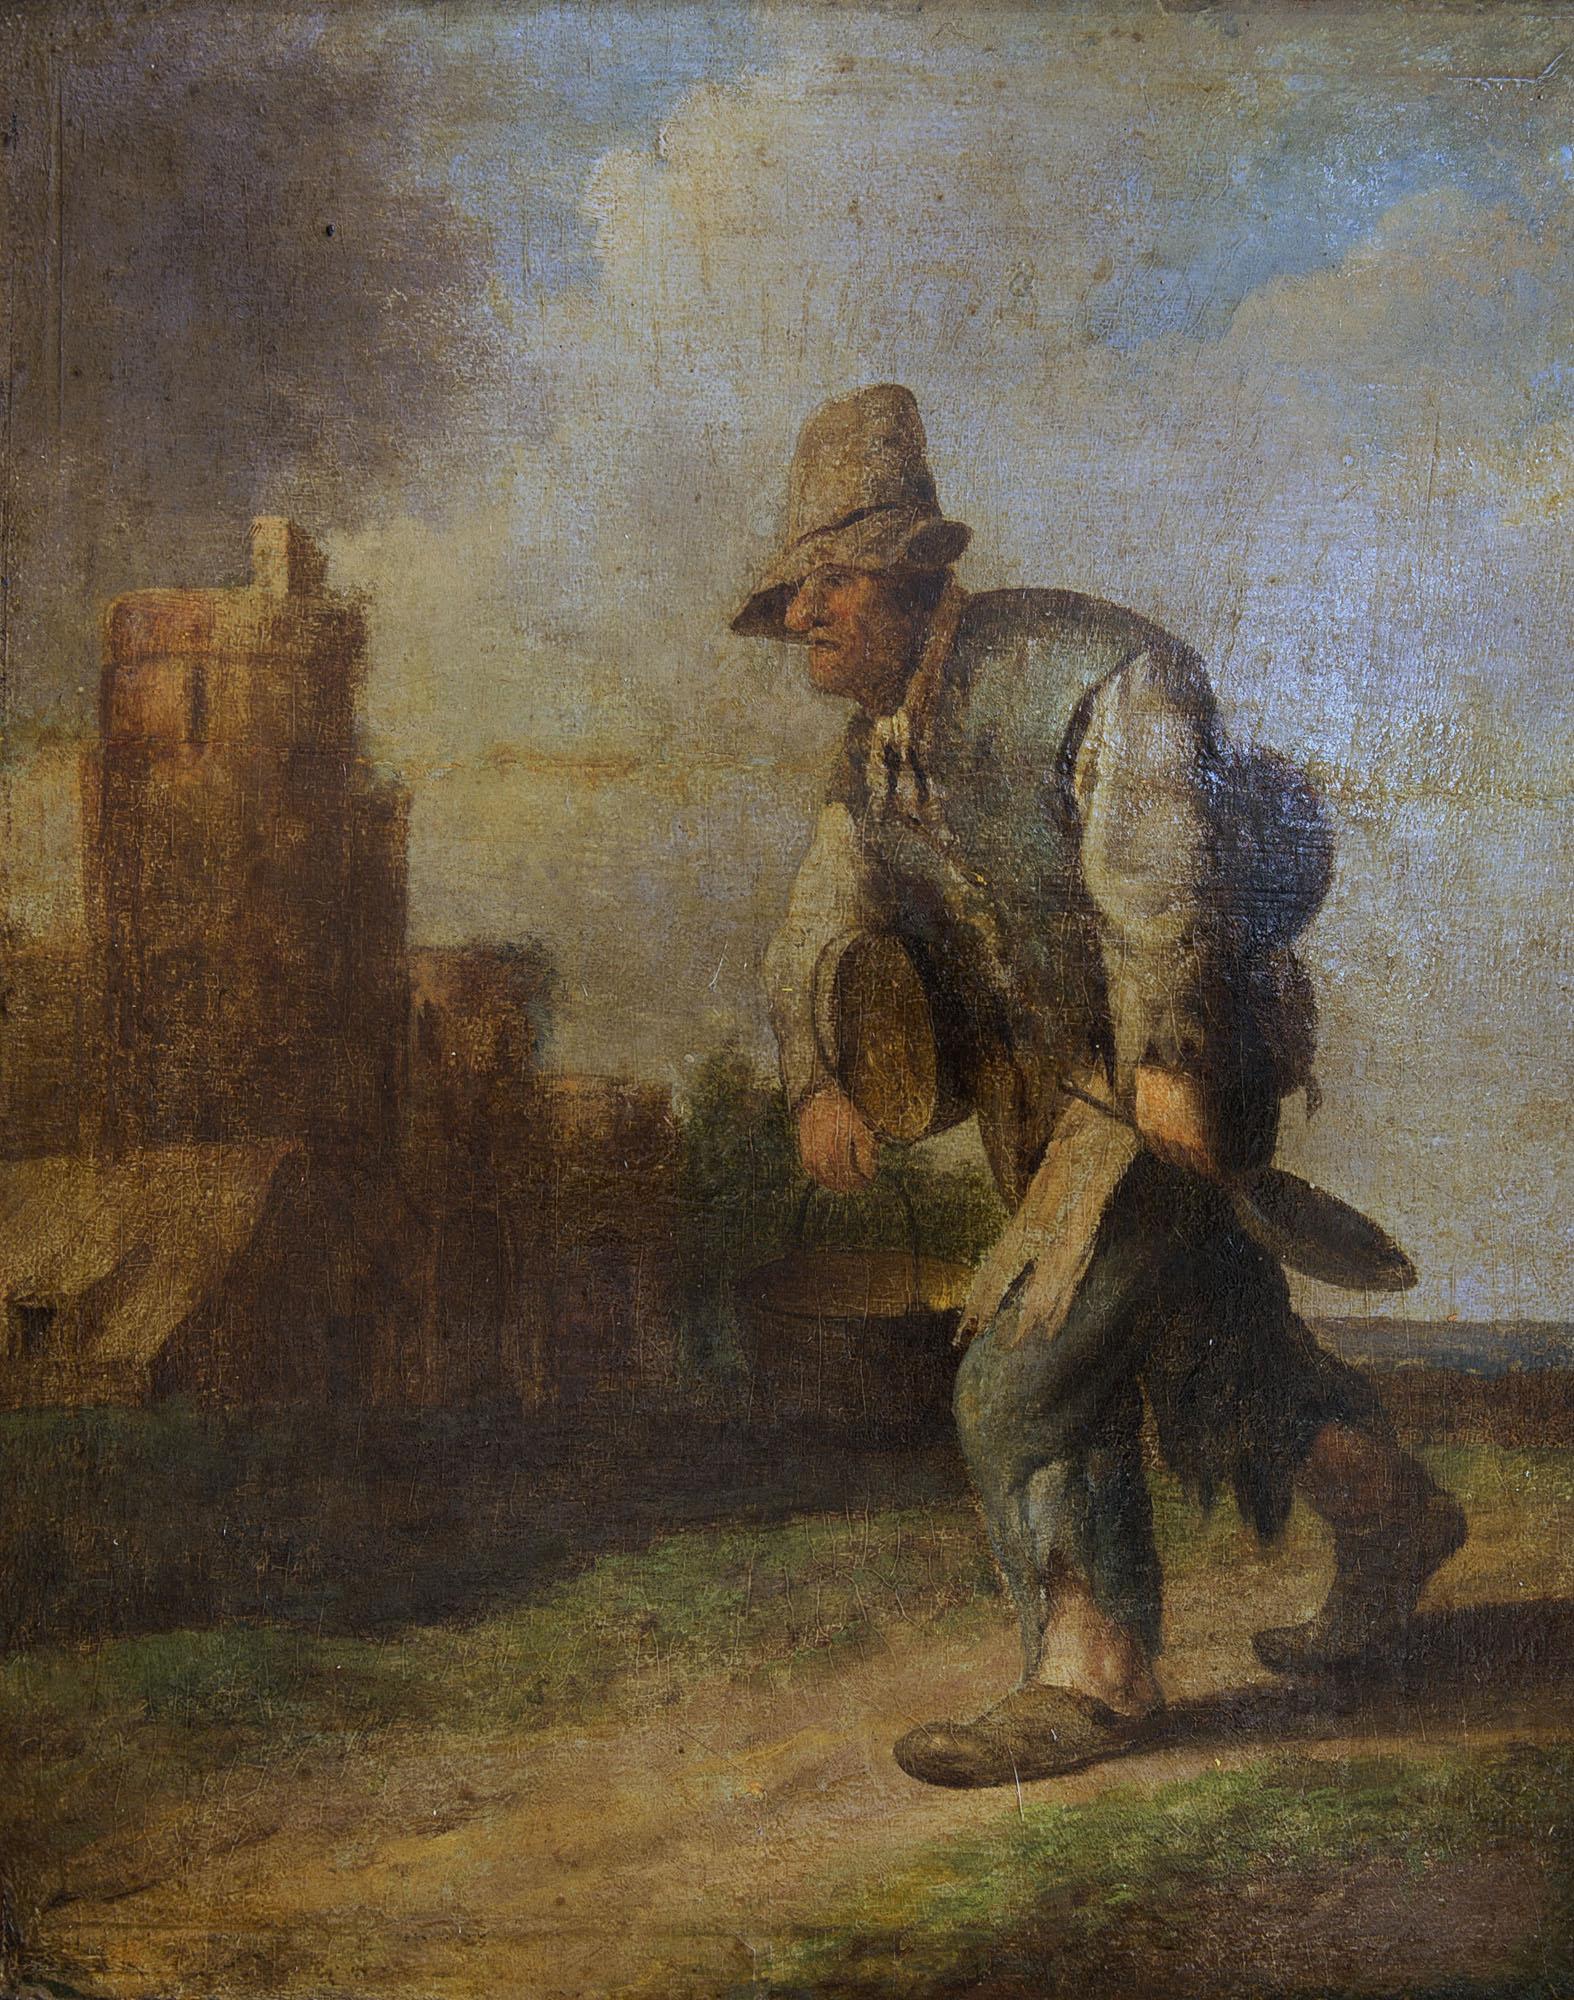 DAVID TENIERS II (1610-1690), attribué